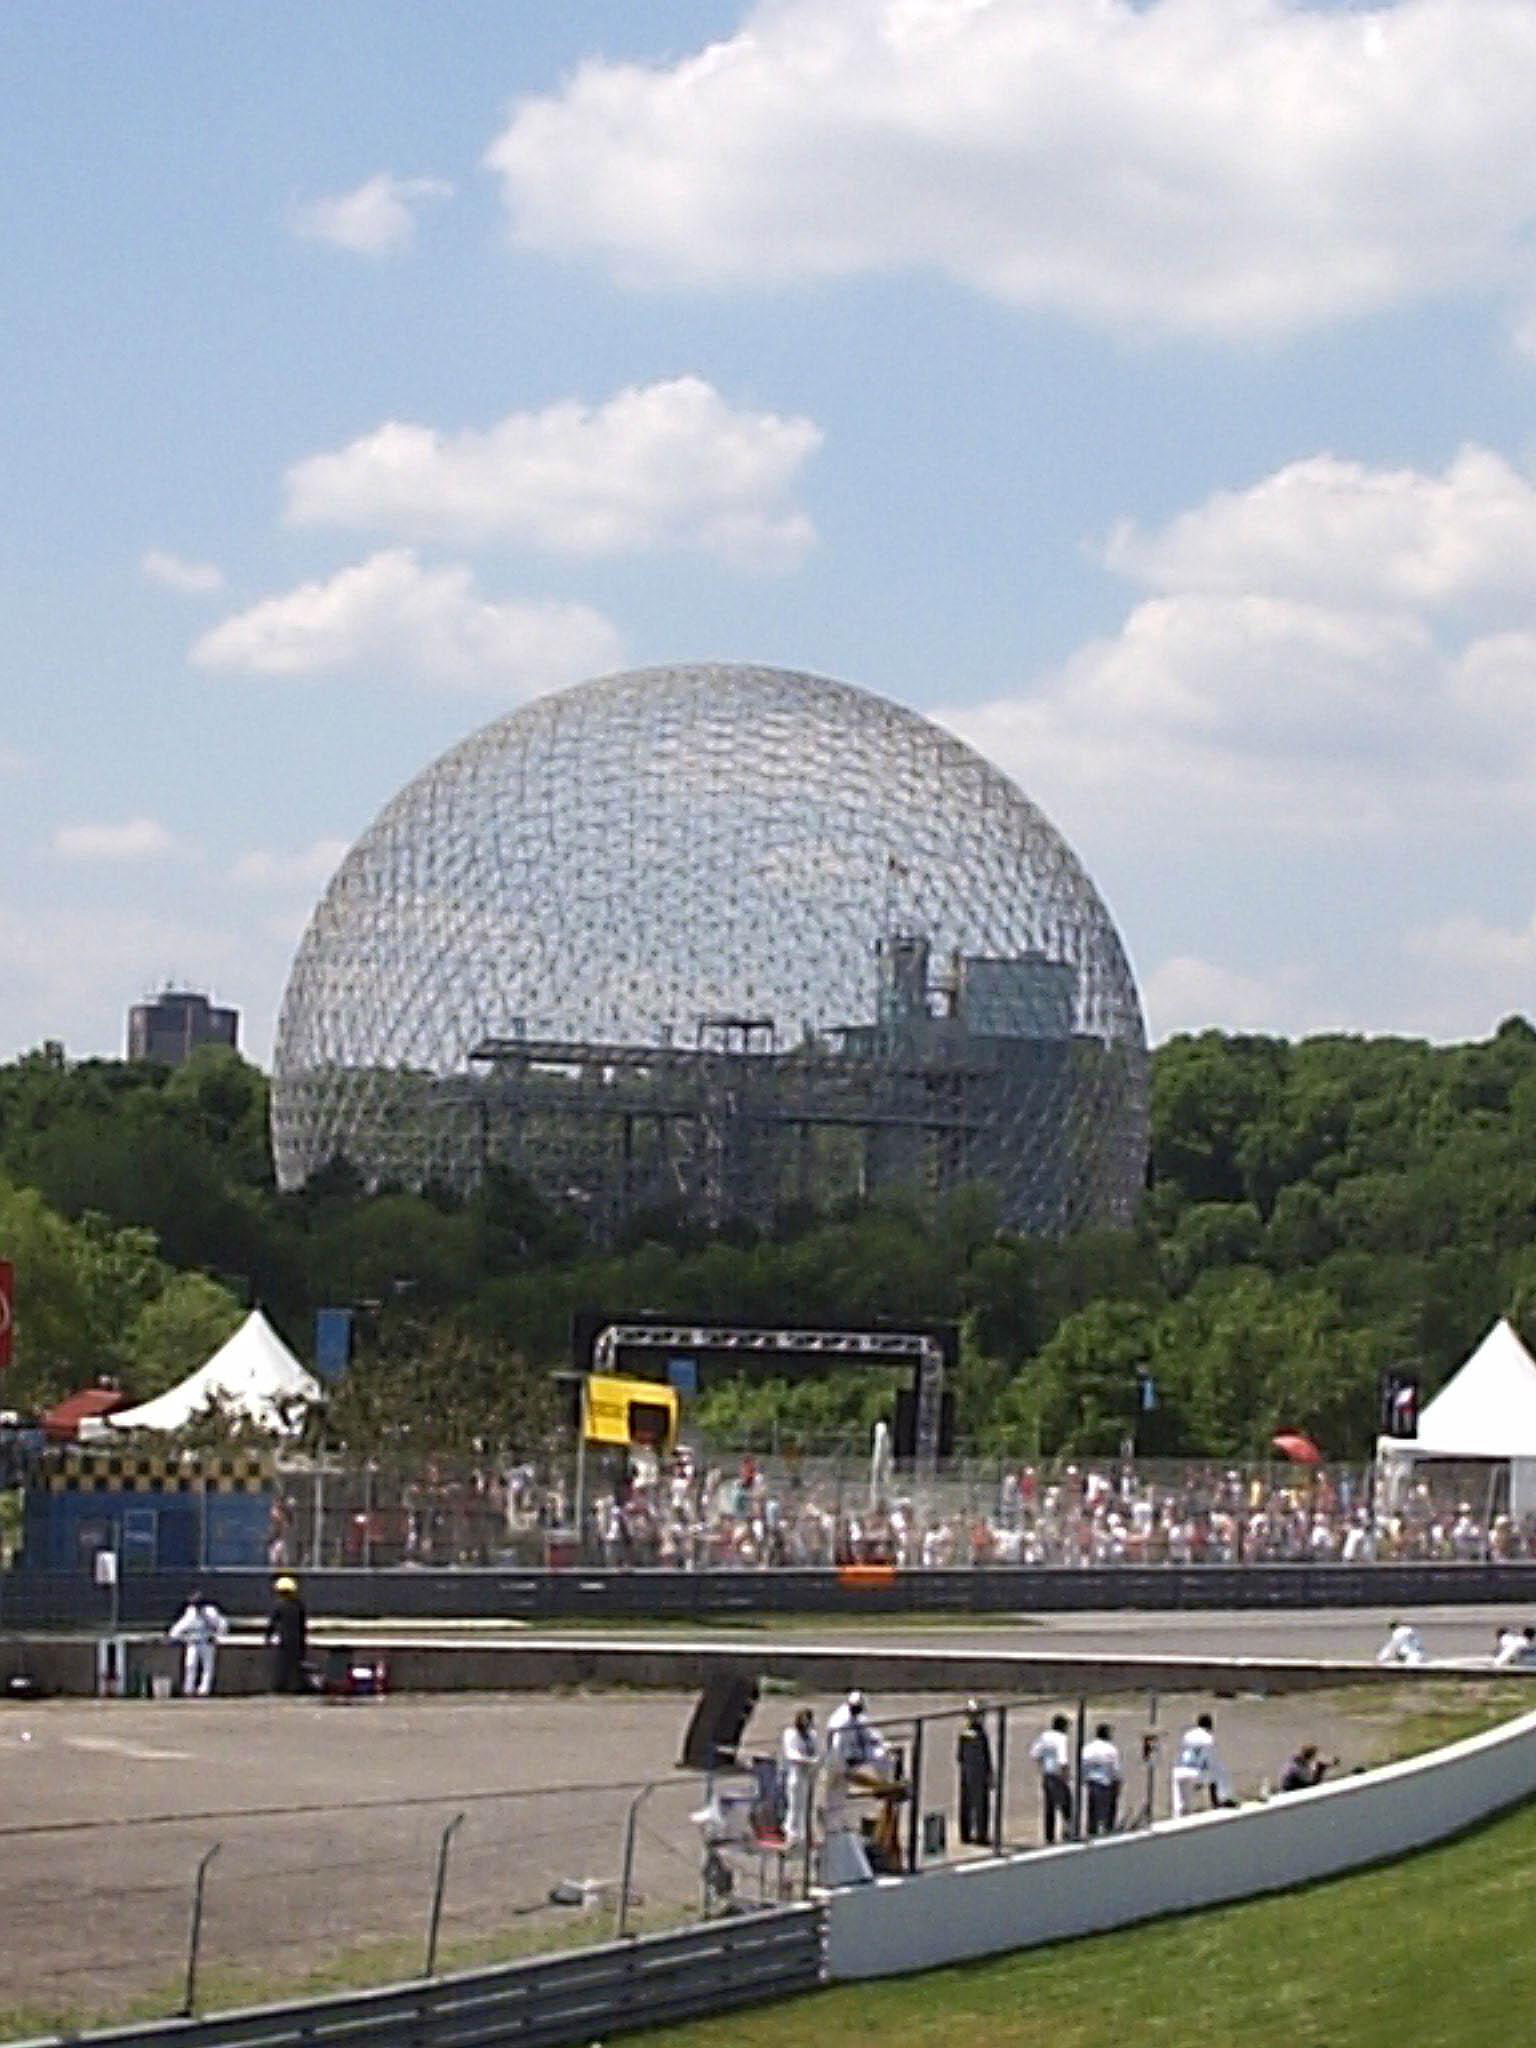 Buckminster Fuller Geodesic Dome, Montreal fro...